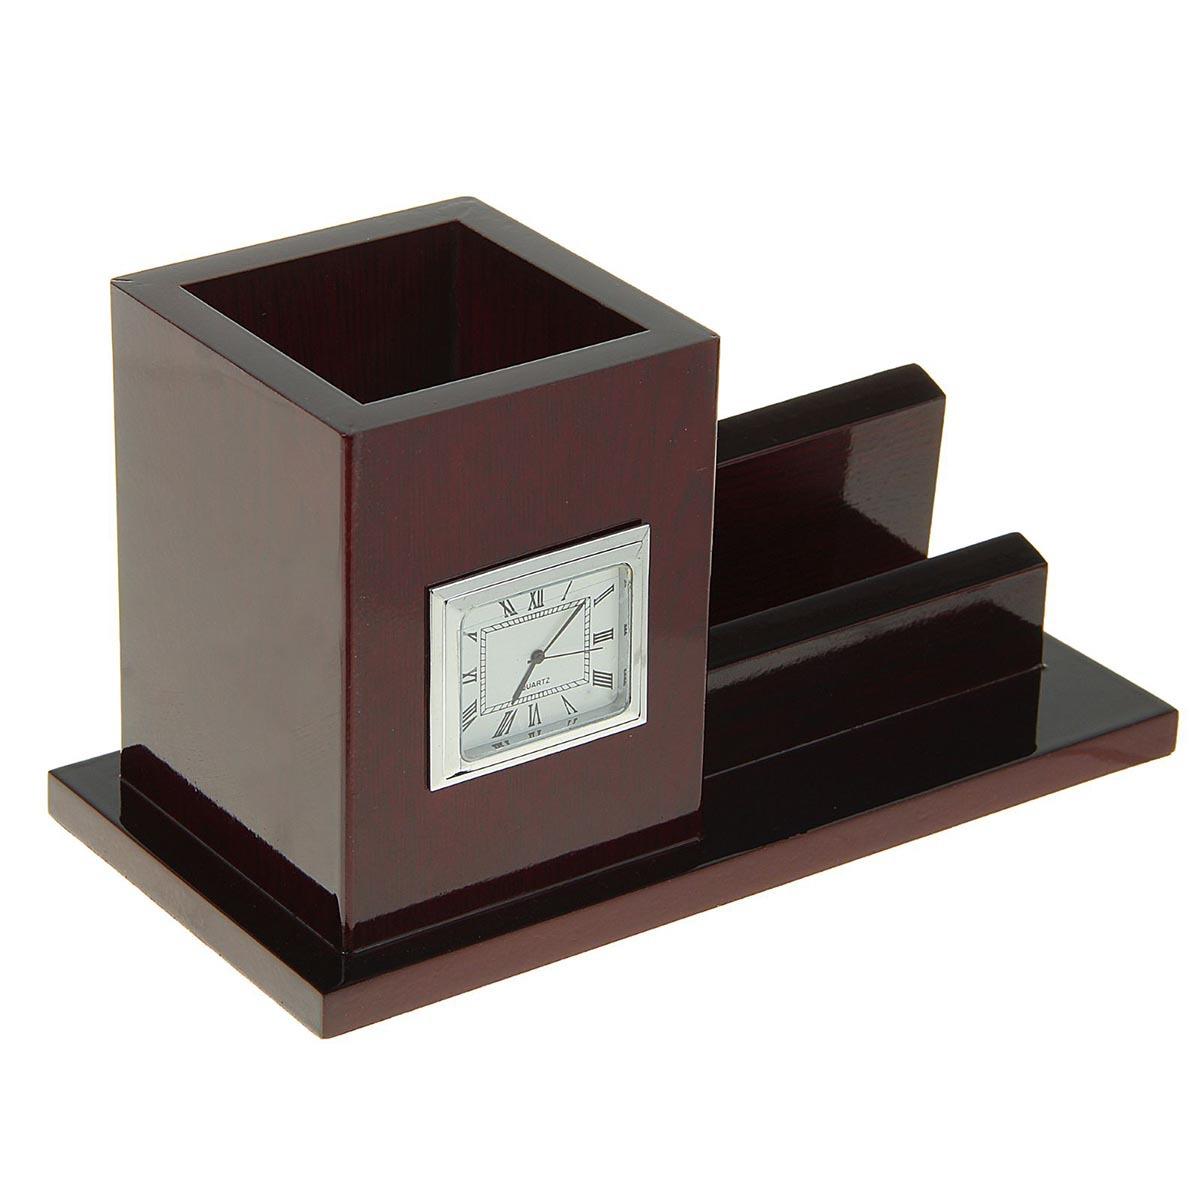 Канцелярский набор 3 в 1, 1643028, коричневый, 12 х 25 см